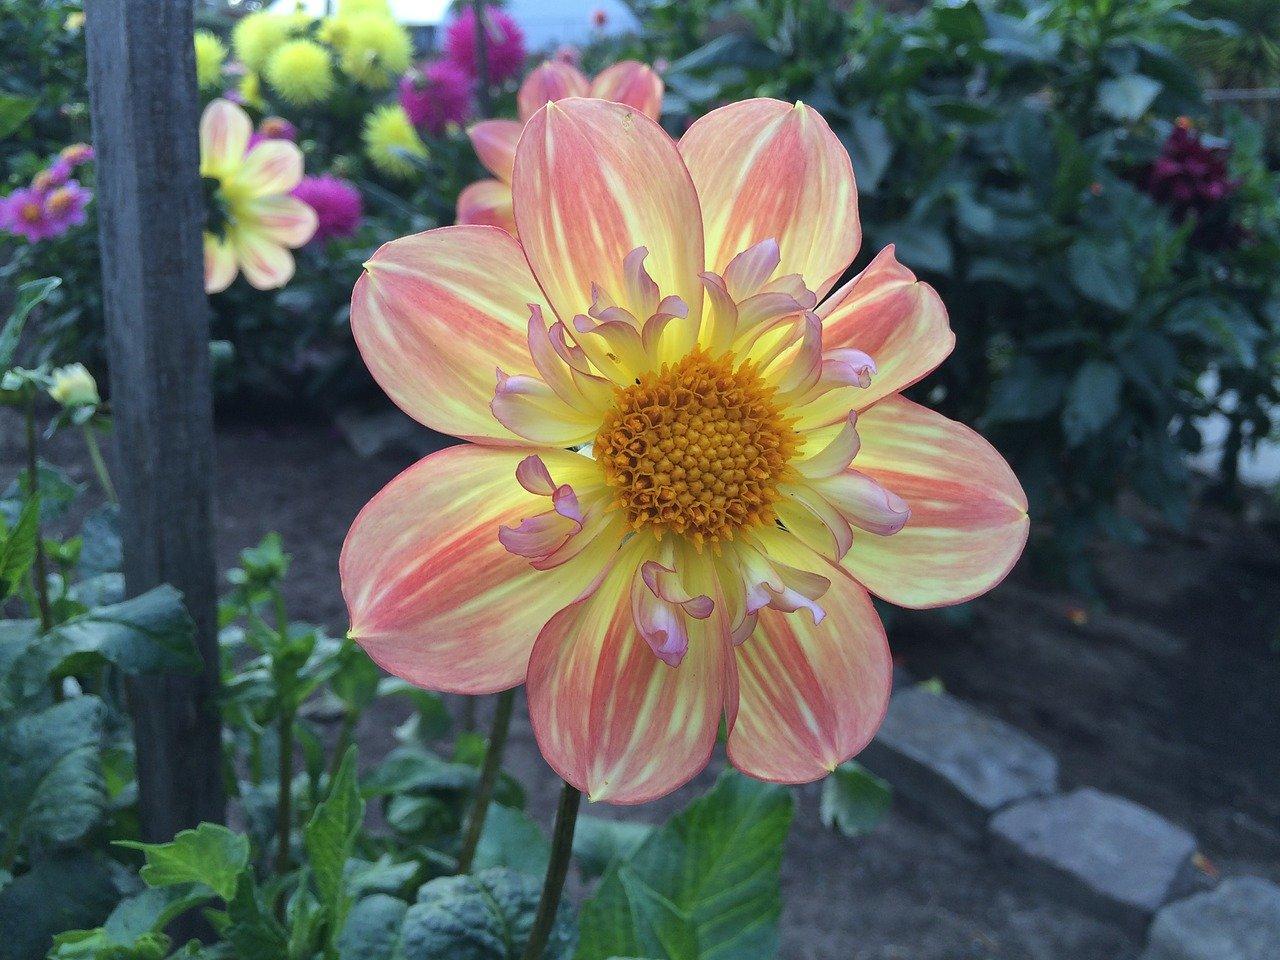 flor amarela com laranja em um parque americana